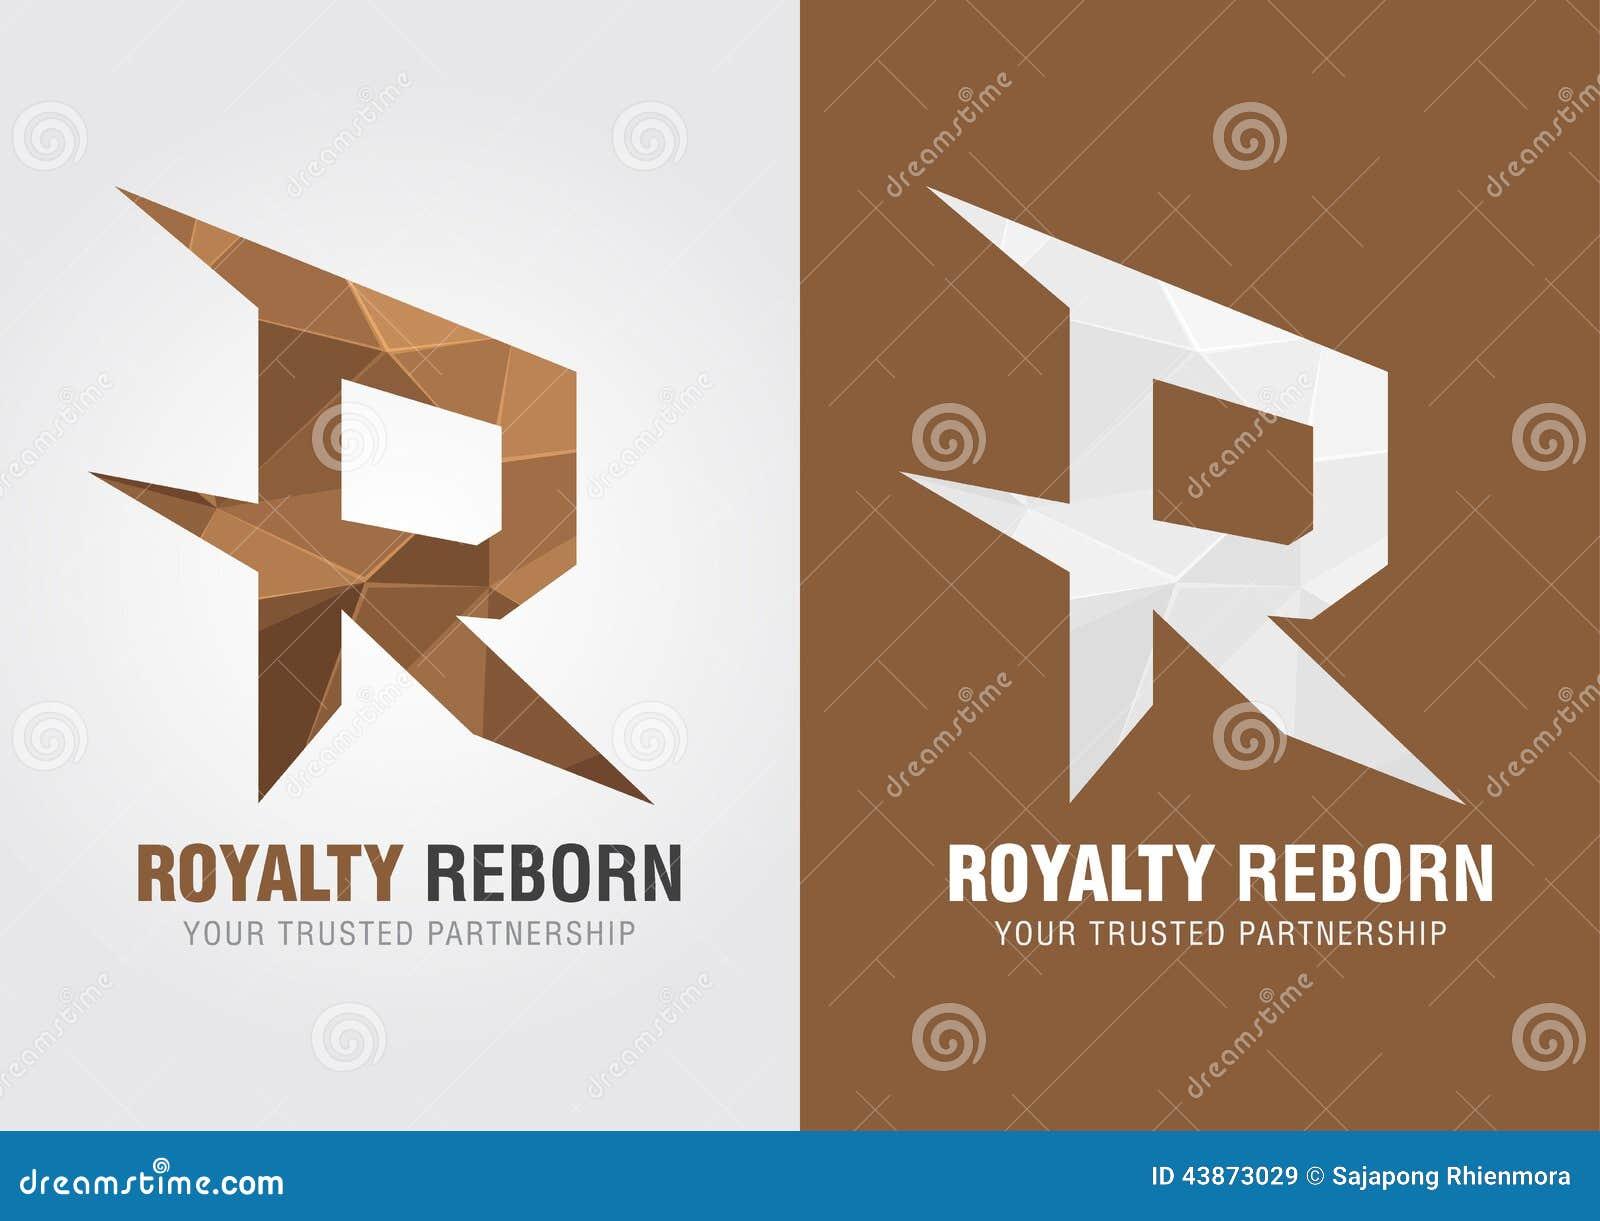 R Symbol R Royalty reborn  Icon symbol